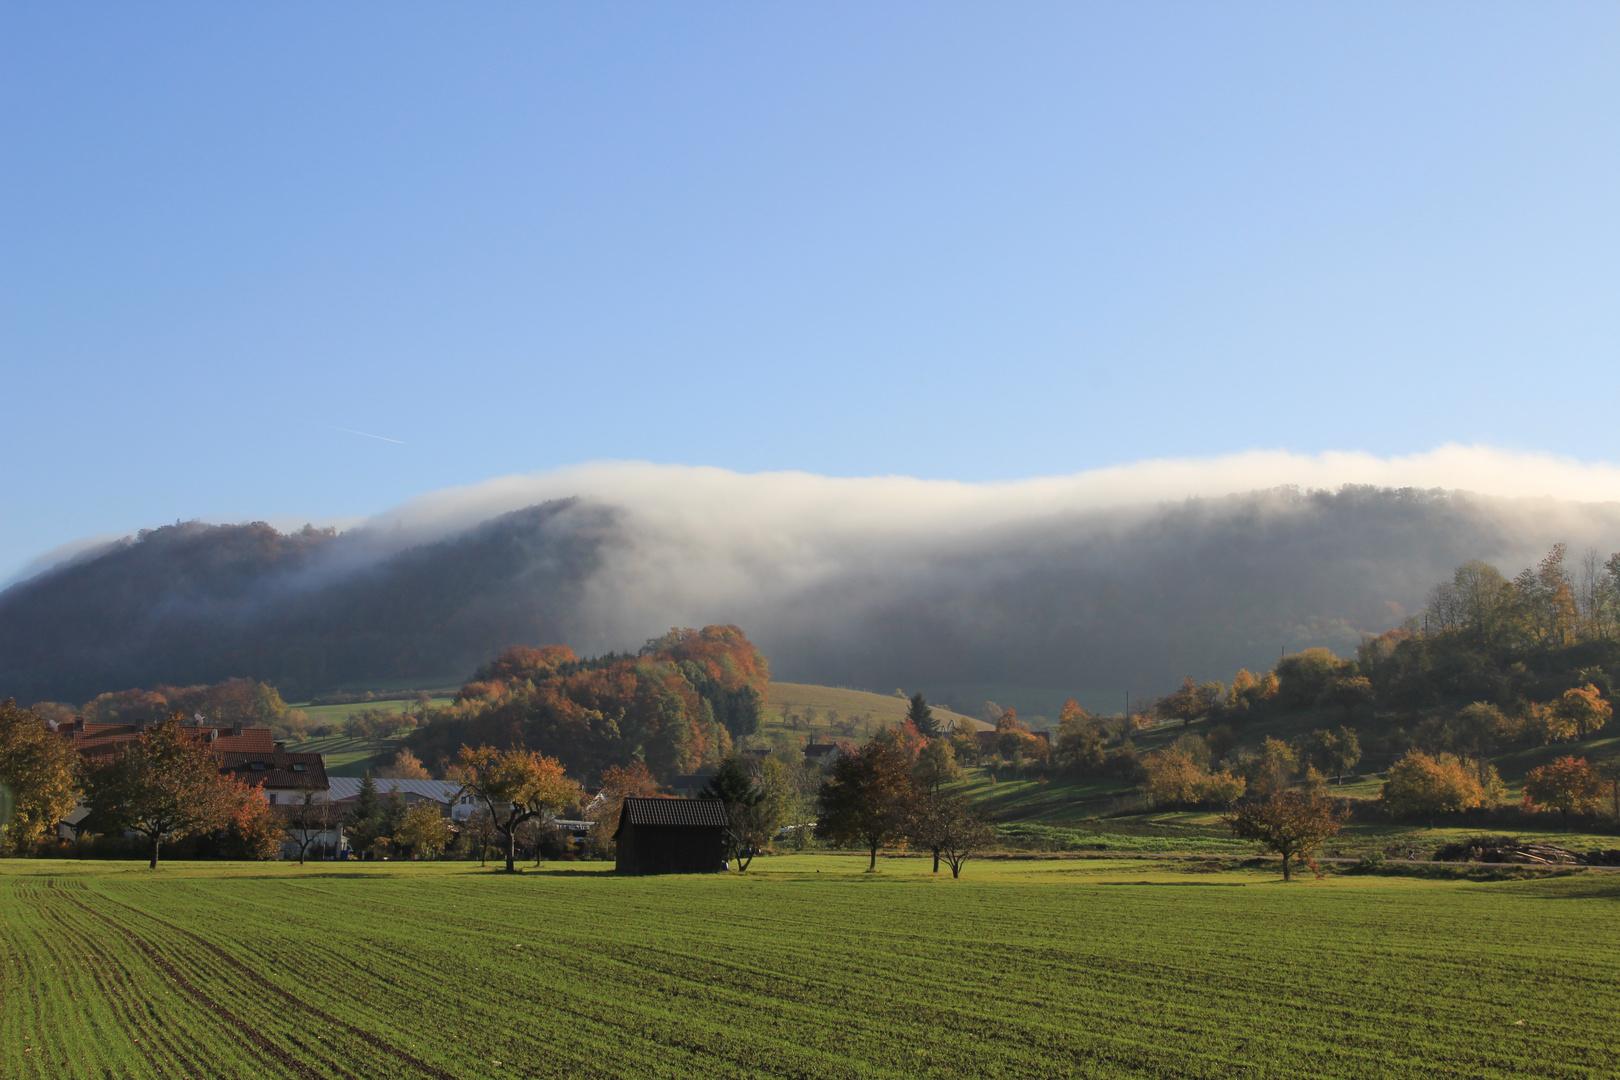 Herbstmorgen an der schwäbischen Alb